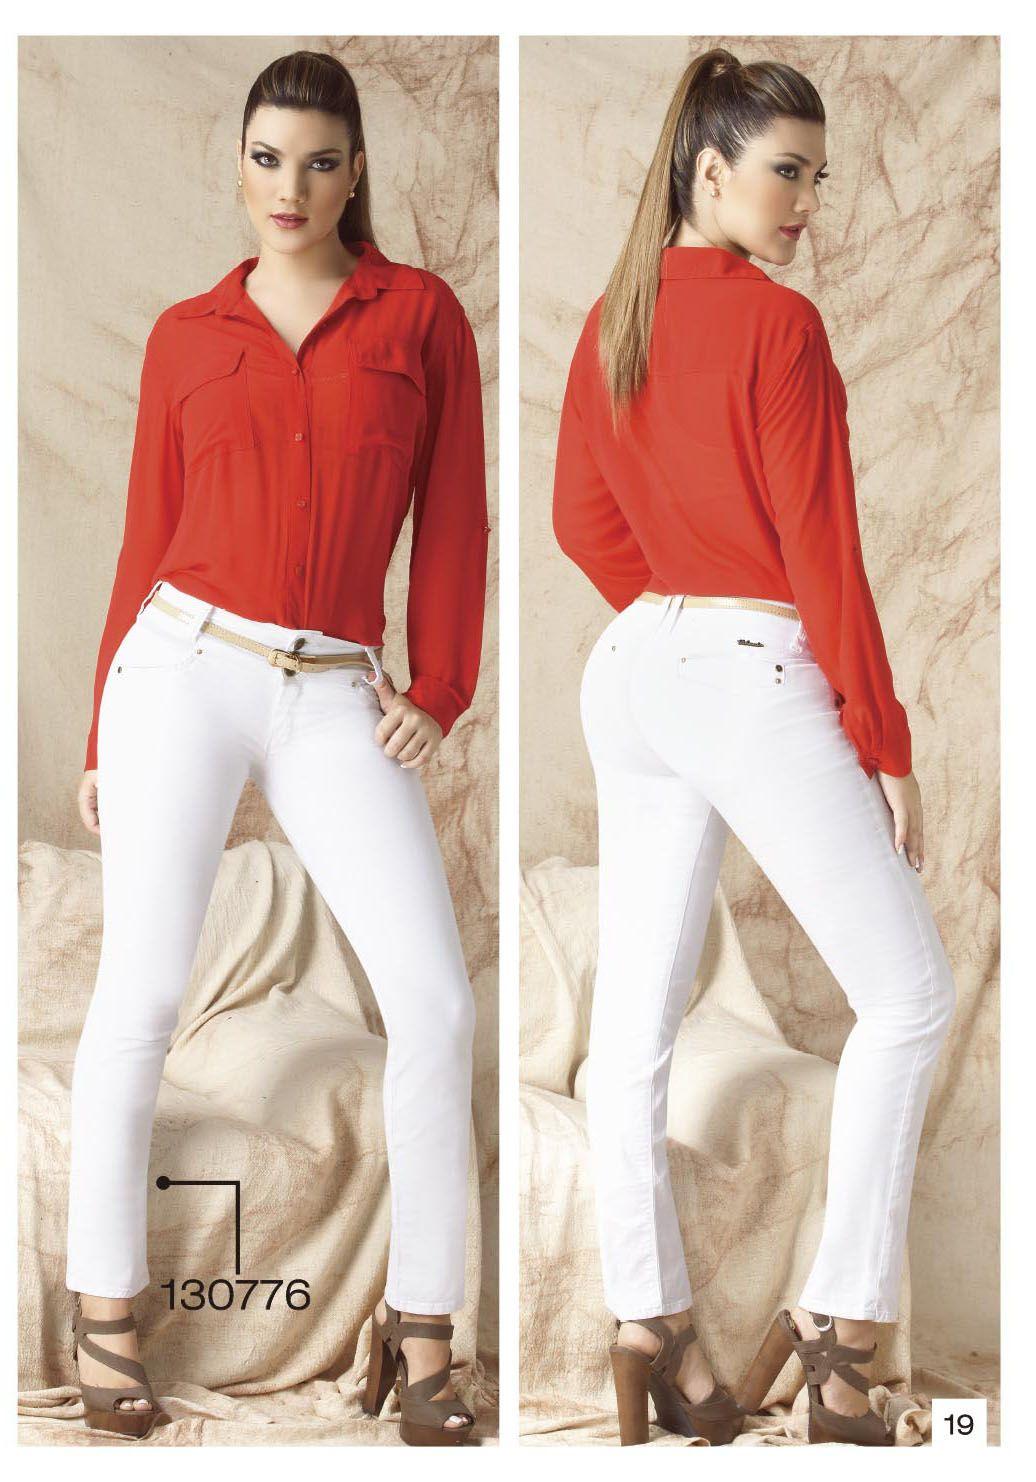 Pantalon De Drill Bota Tubo Color Blanco Moda Casual Clothes Outfits